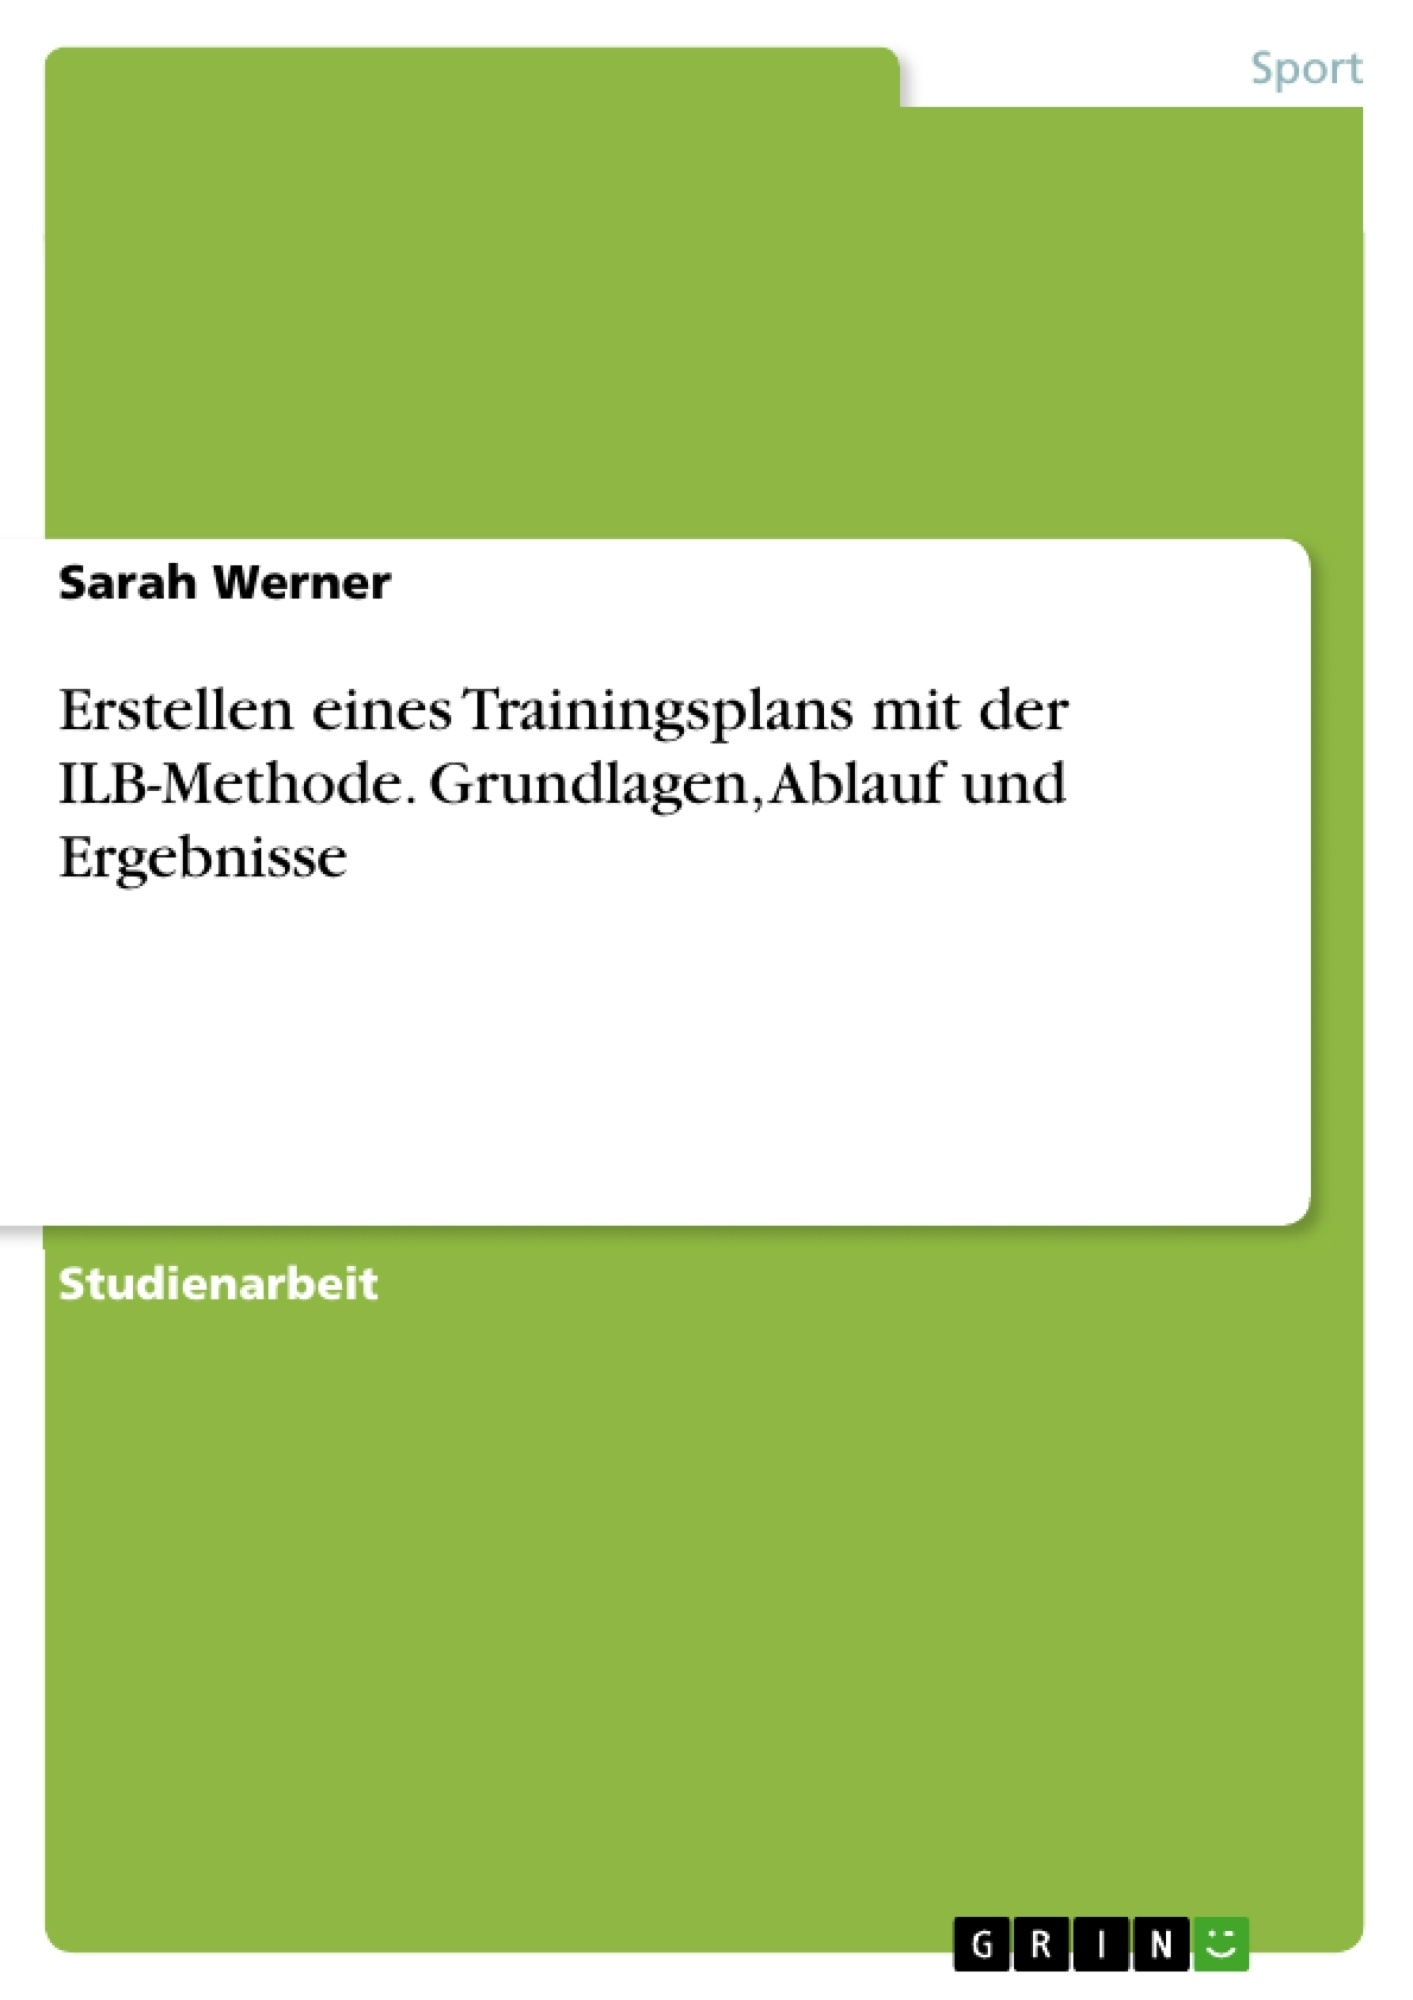 Titel: Erstellen eines Trainingsplans mit der ILB-Methode. Grundlagen, Ablauf und Ergebnisse